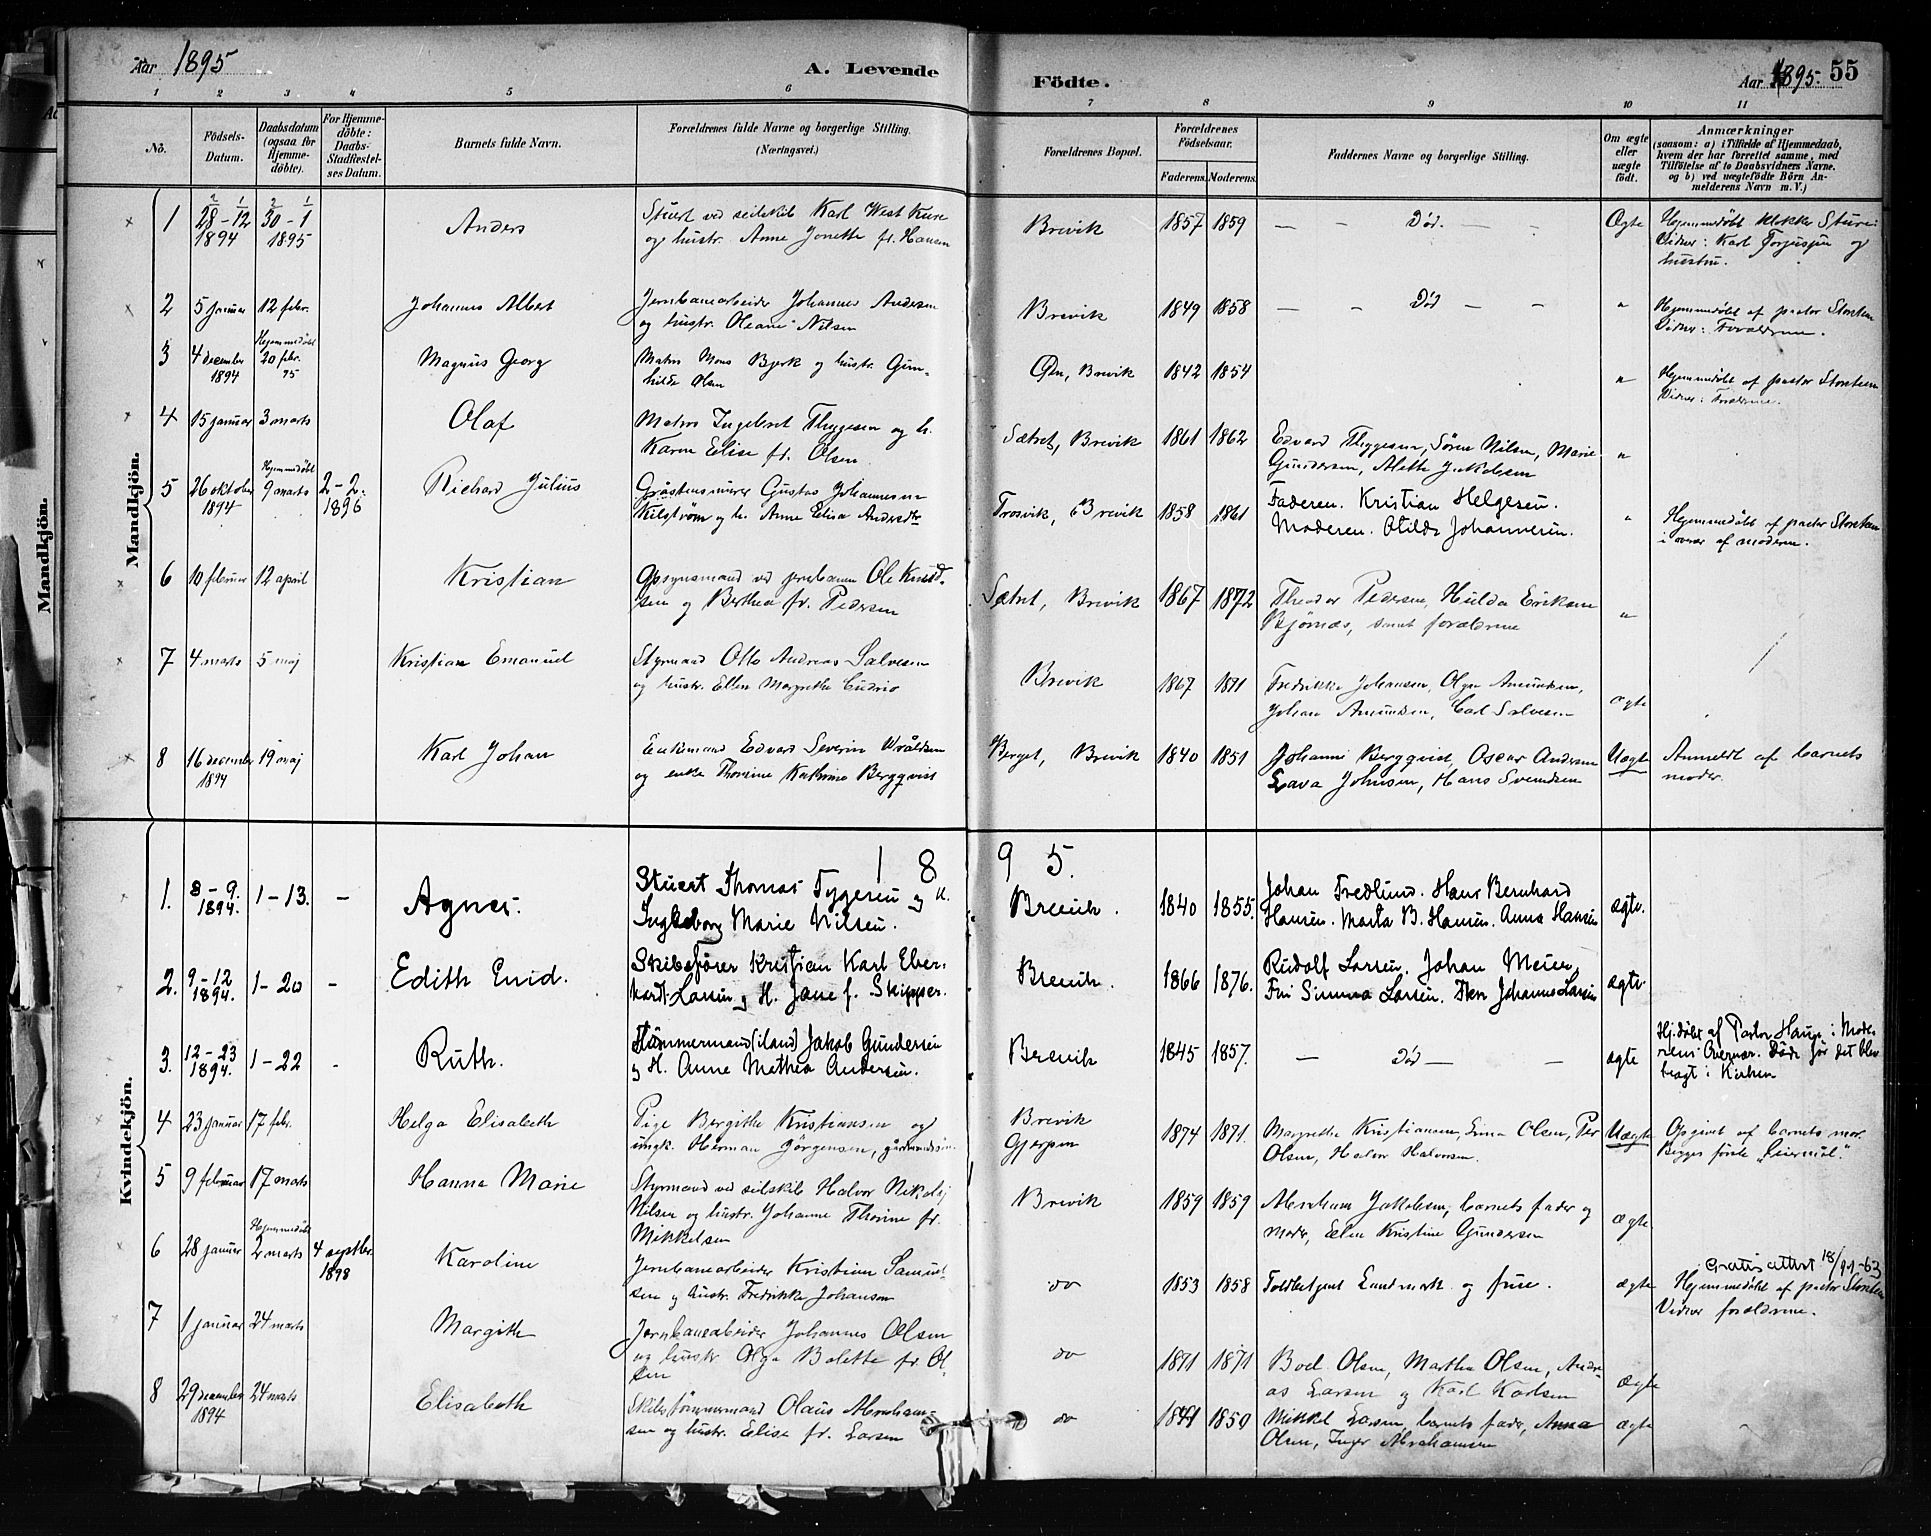 SAKO, Brevik kirkebøker, F/Fa/L0007: Ministerialbok nr. 7, 1882-1900, s. 55